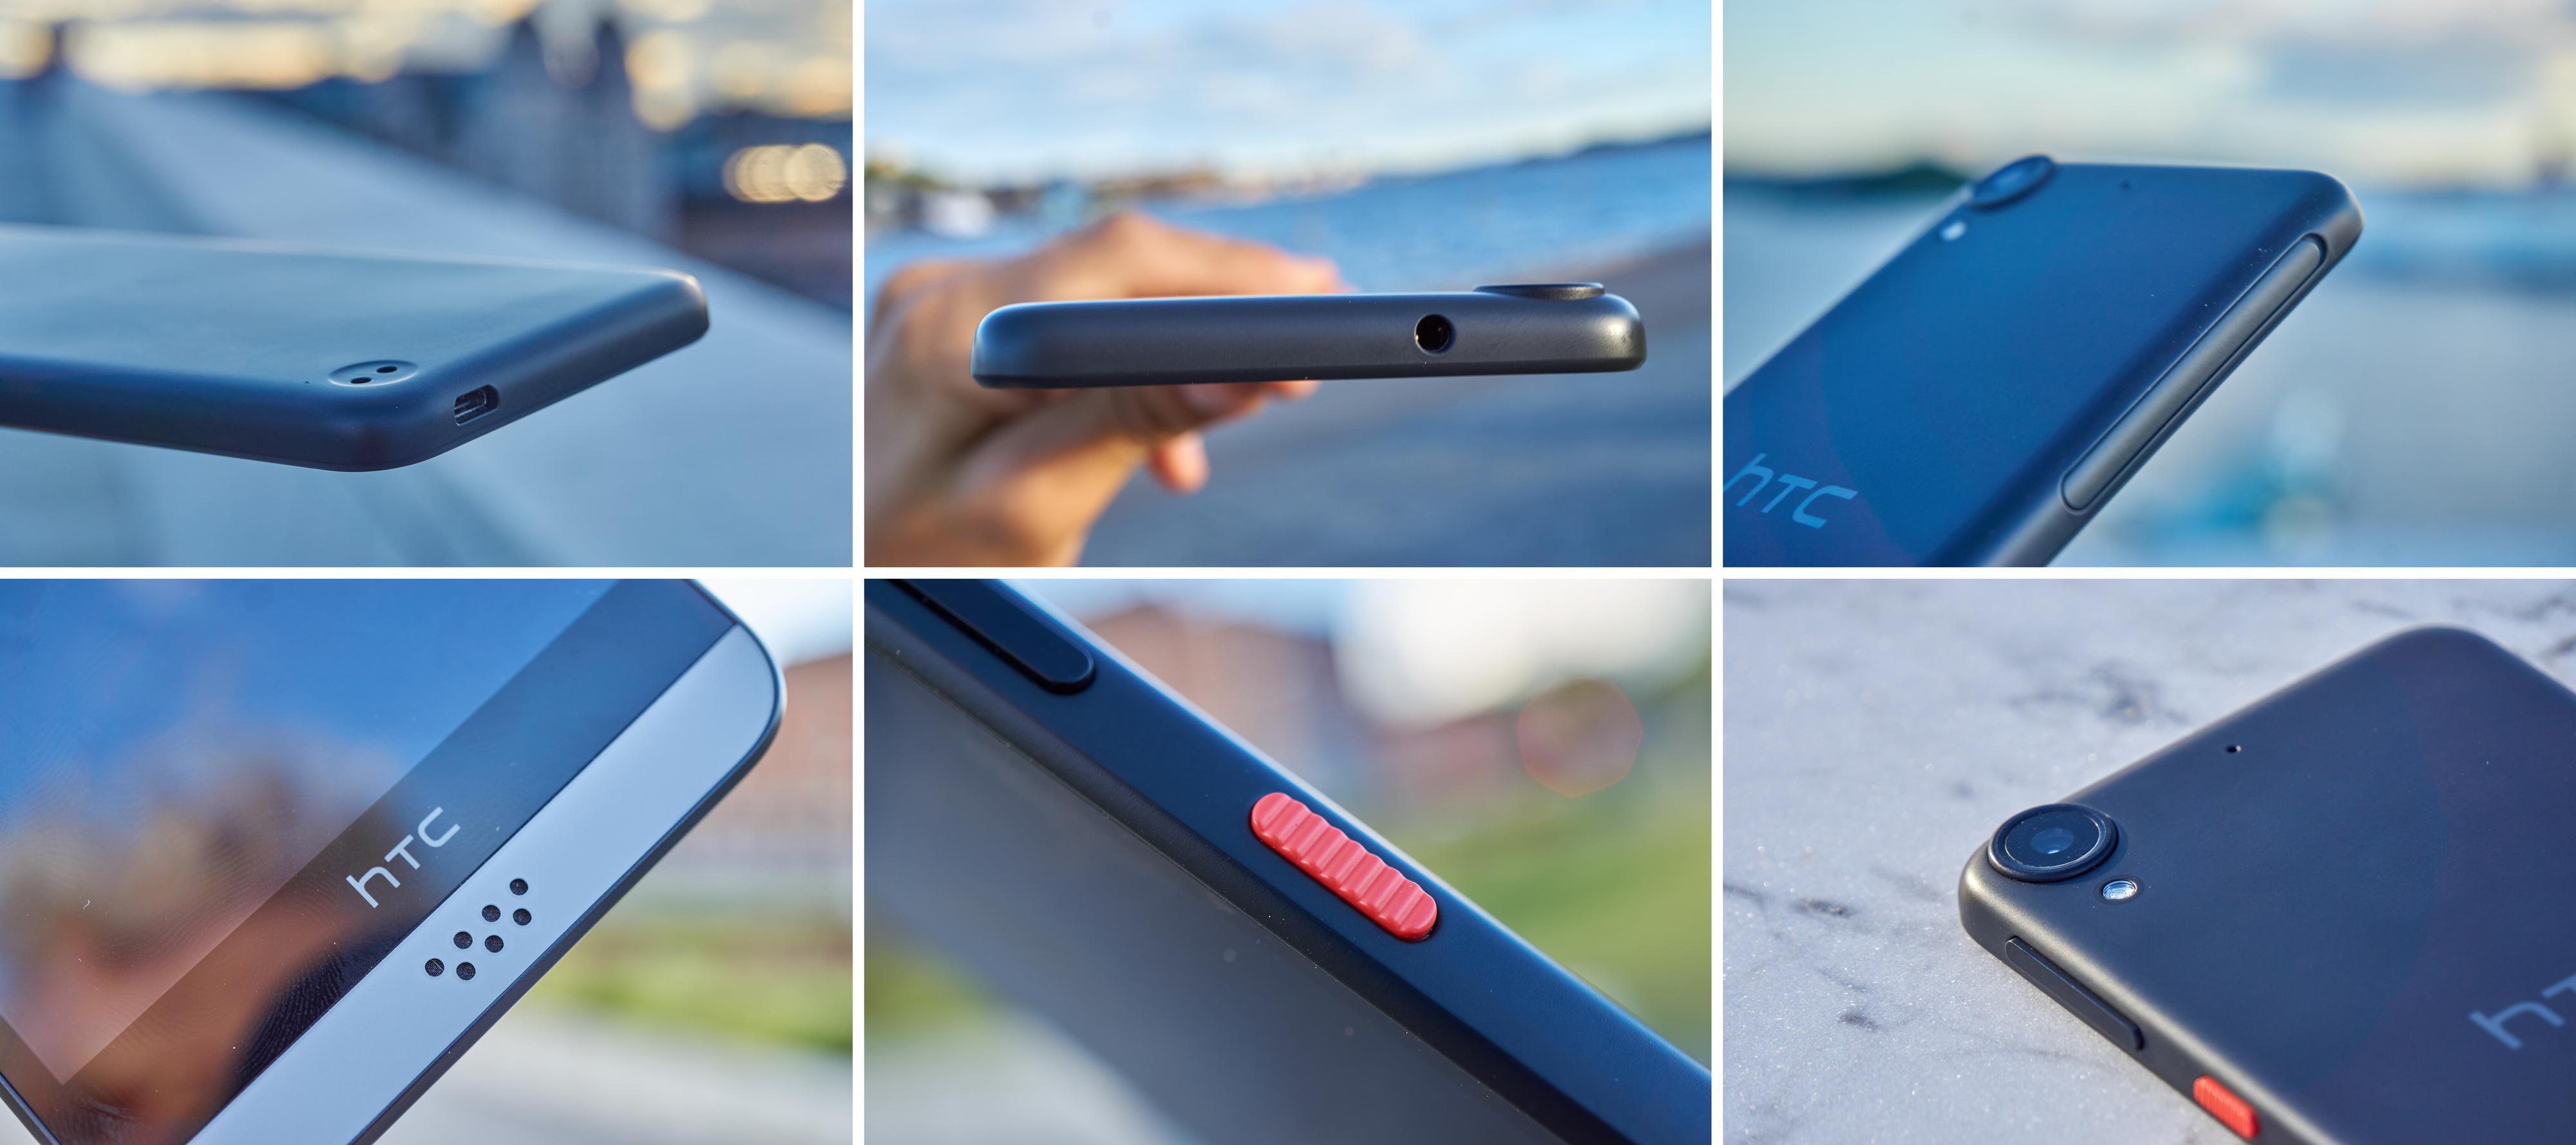 Designet på Desire 530 er ganske lekkert og særegent. Den ruglete, røde knappen liker vi veldig godt, og også den tykke metallringen rundt kameraet.